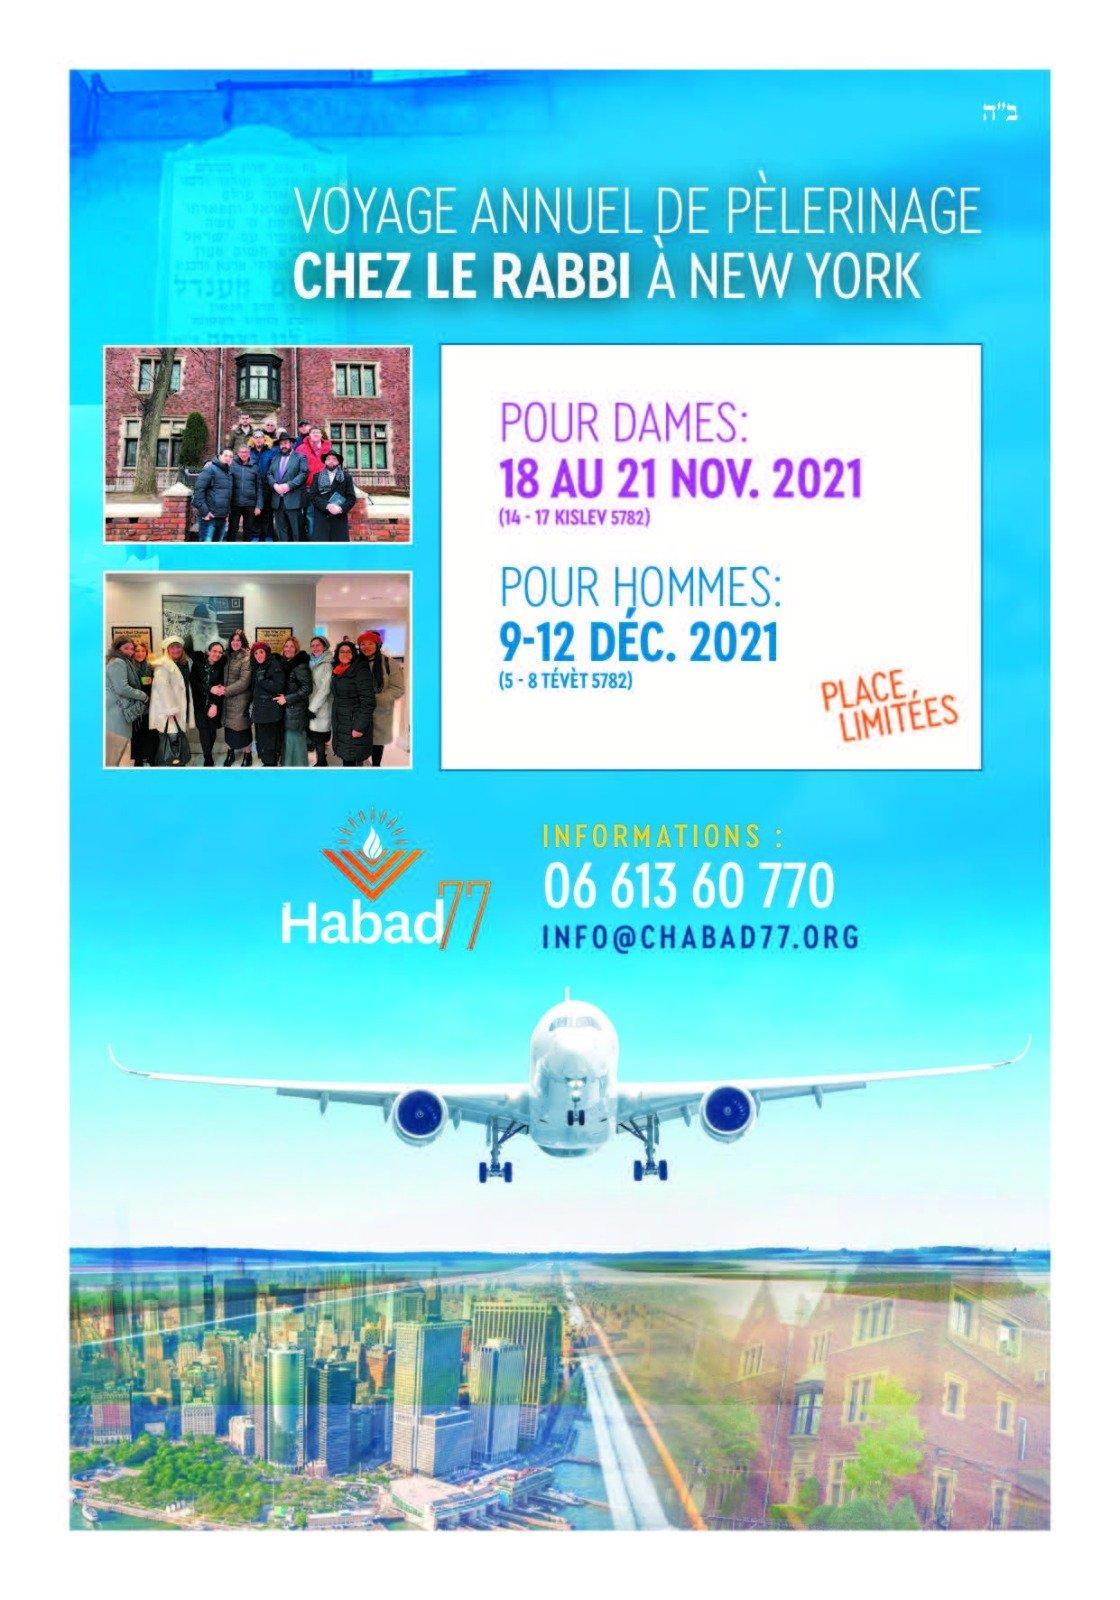 Voyage annuel chez le Rabbii